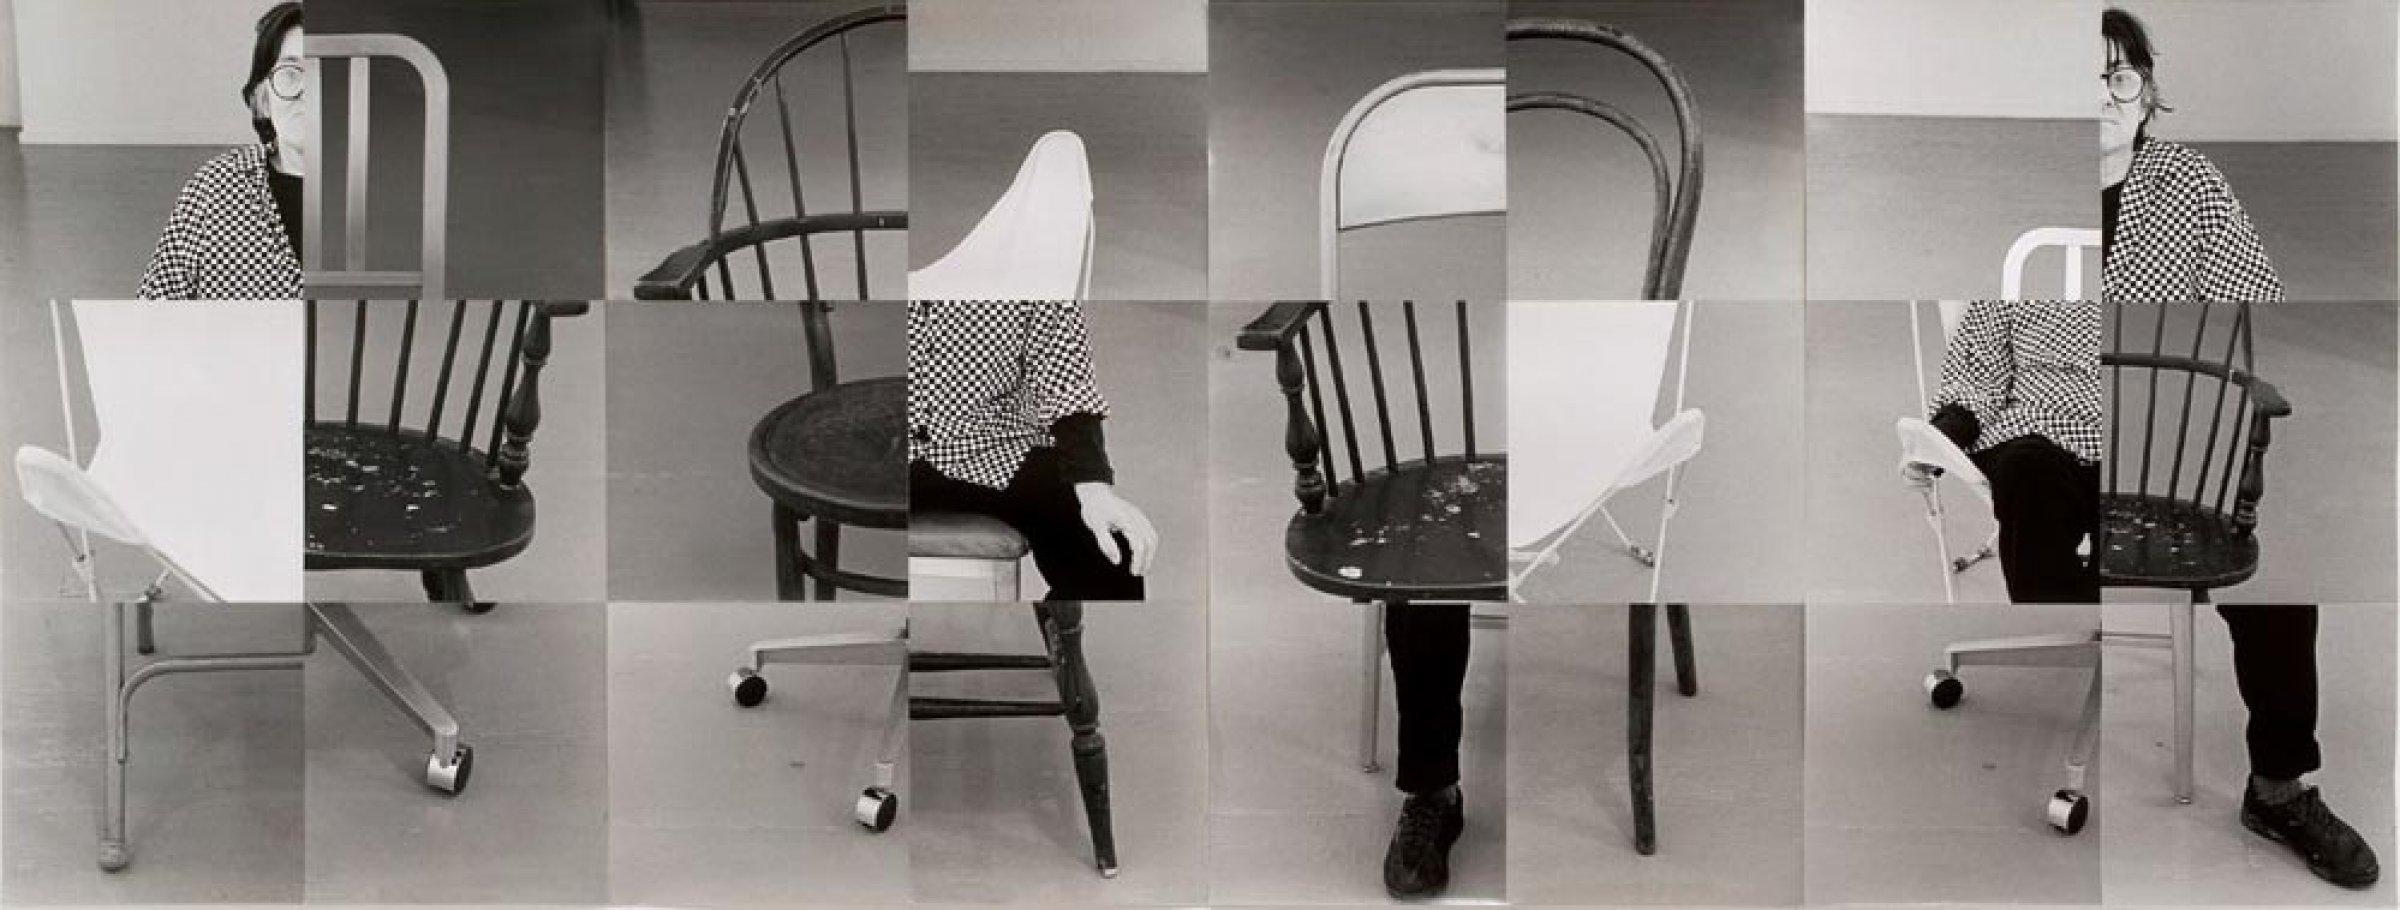 Susan Weil, Wandering Chairs, 1998, silver gelatin print, 113 × 302 cm. © S. Weil and C. Rauschenberg.